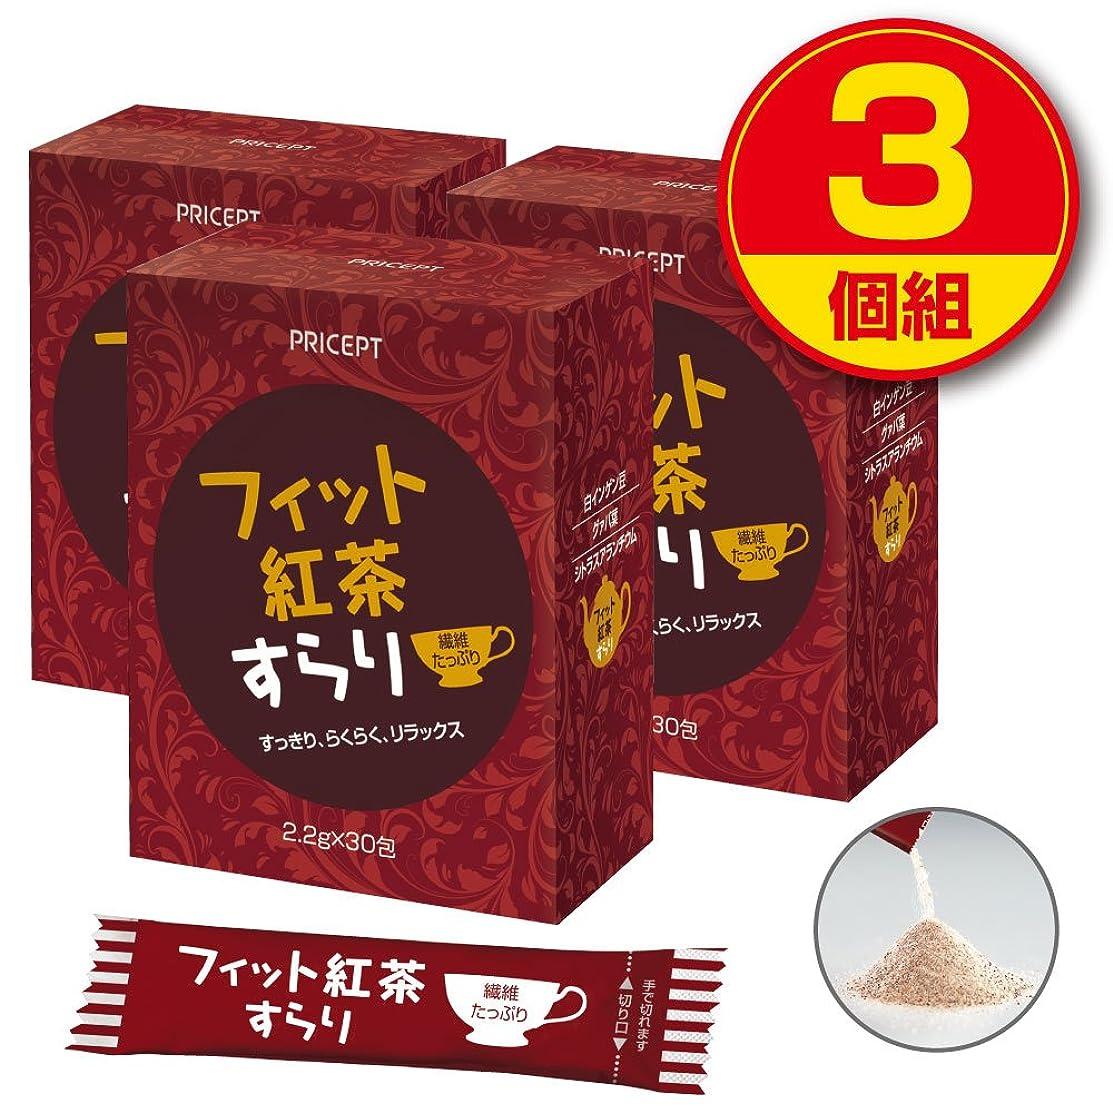 周りワックスゴムプリセプト フィット紅茶すらり(30包)【3個組?90包】(食物繊維配合ダイエットサポート紅茶)